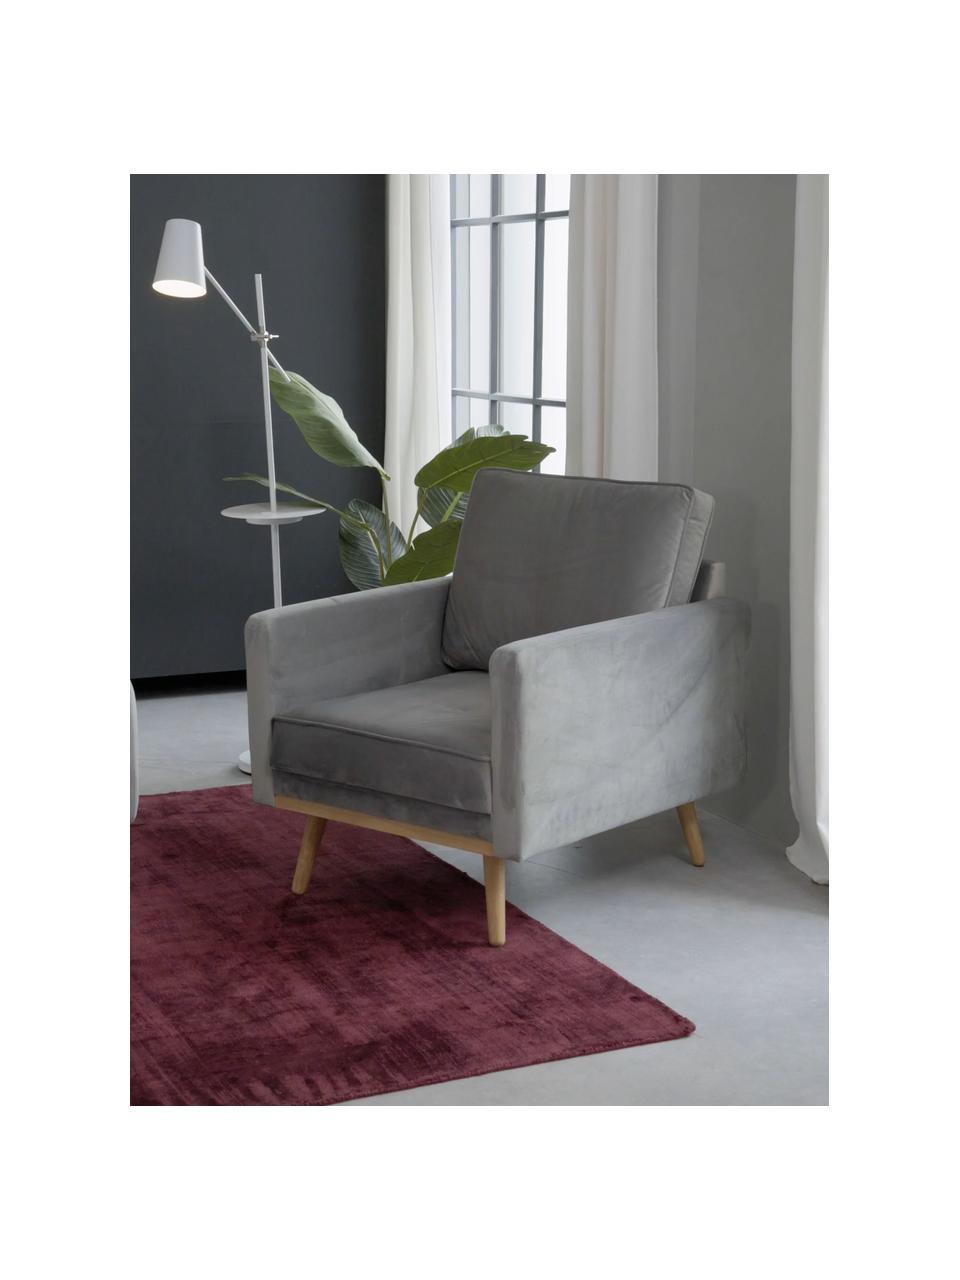 Fotel z aksamitu z nogami z drewna dębowego Saint, Tapicerka: aksamit (poliester) Dzięk, Aksamitny szary, S 85 x G 76 cm